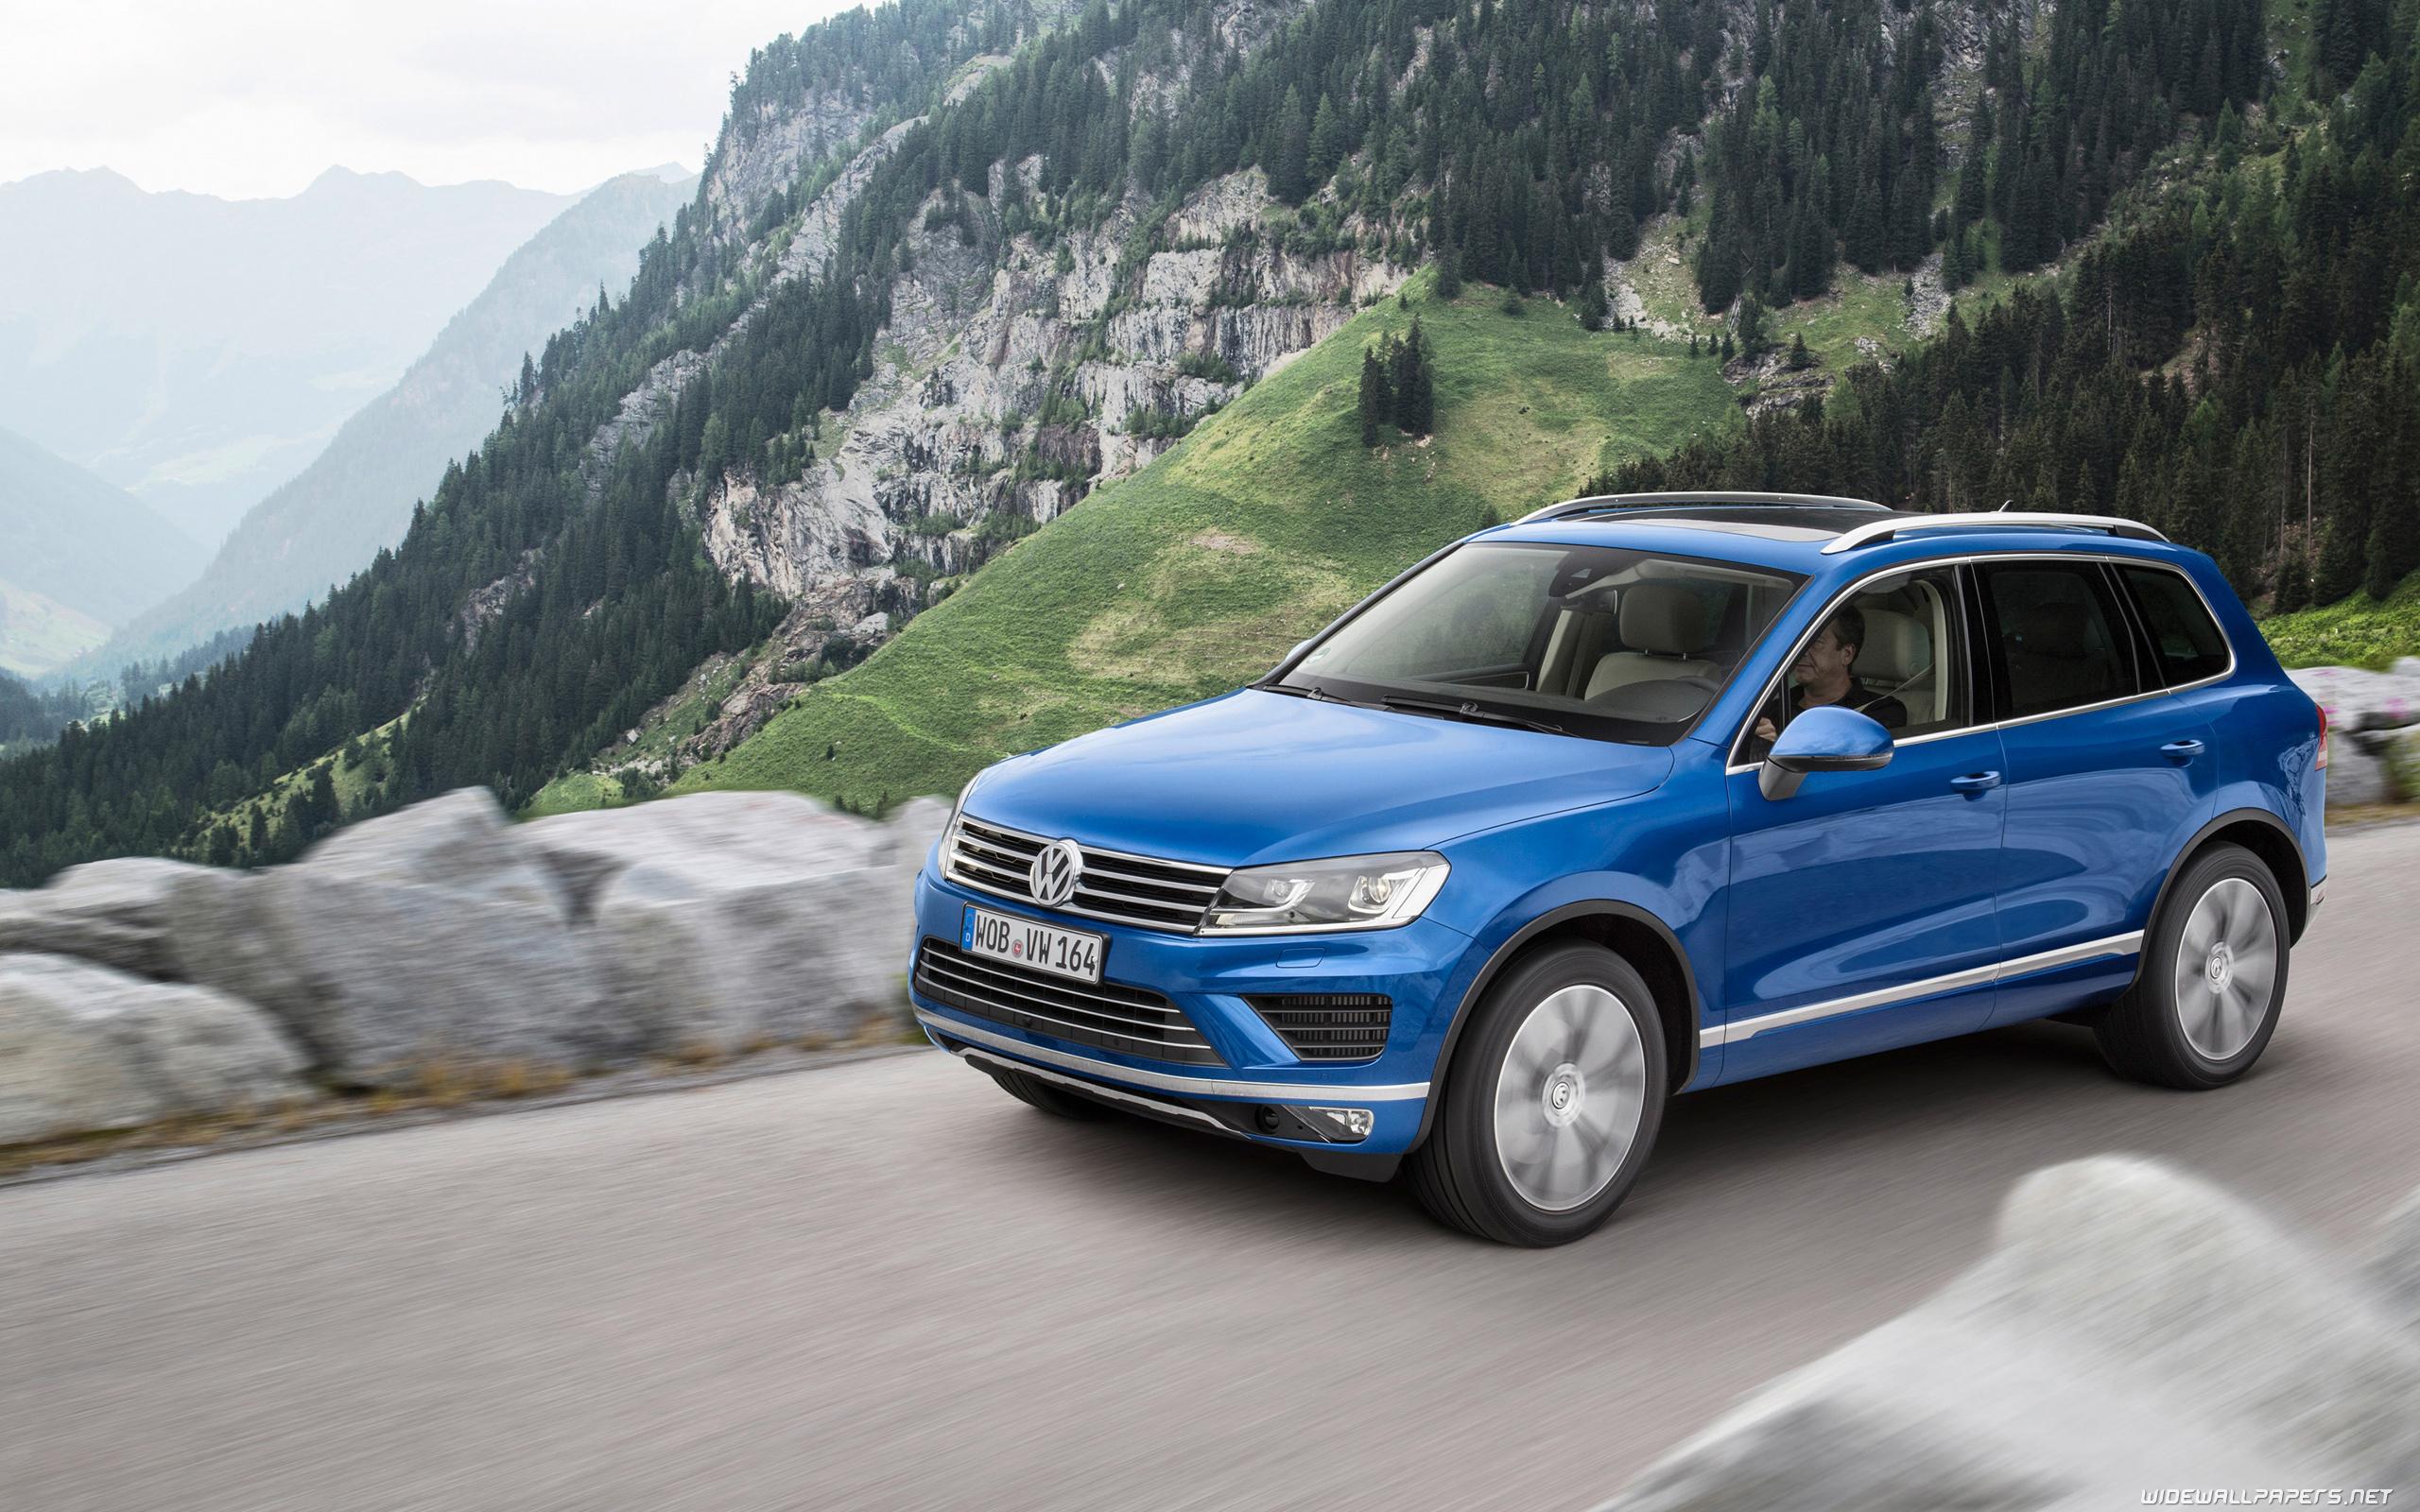 Volkswagen Touareg Wallpaper 5   2560 X 1600 stmednet 2560x1600